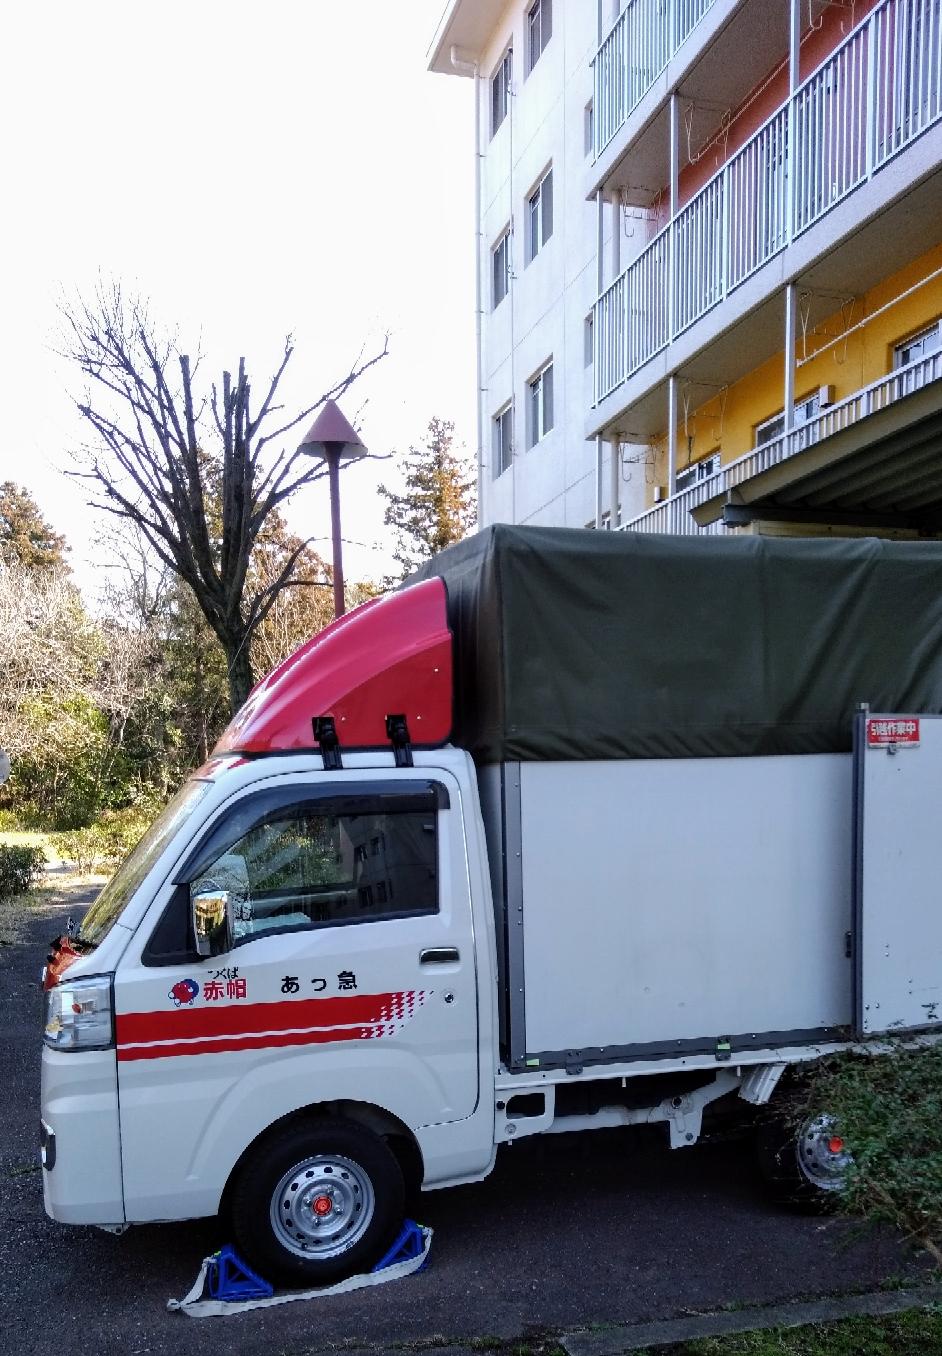 筑波大学春日宿舎にて引っ越し作業中